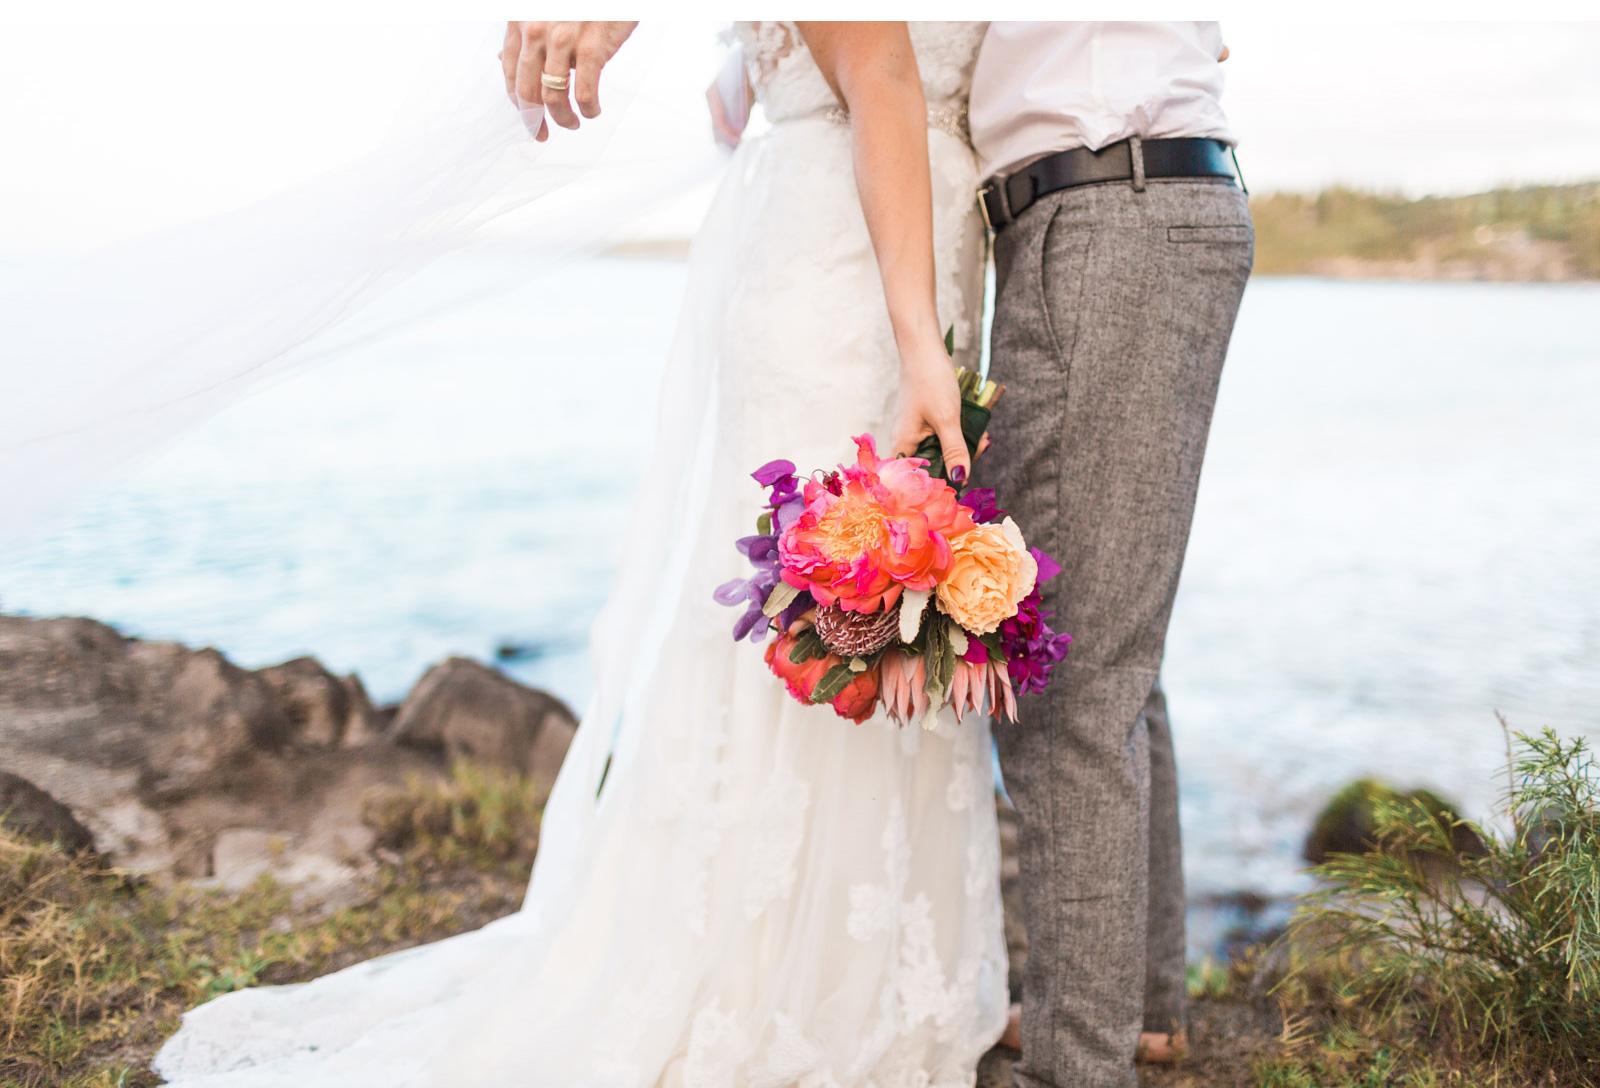 Natalie-Schutt-Photography--Destination-Wedding-Photographer_07.jpg